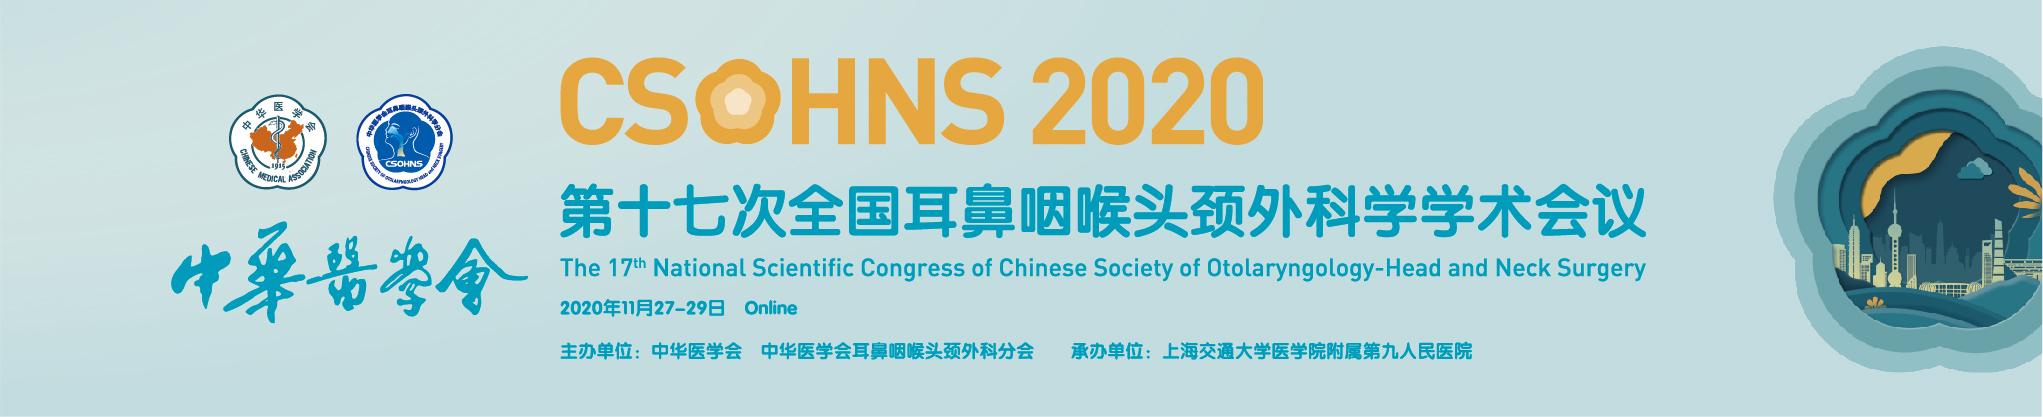 中华医学会第十七次全国耳鼻咽喉头颈外科学学术会议